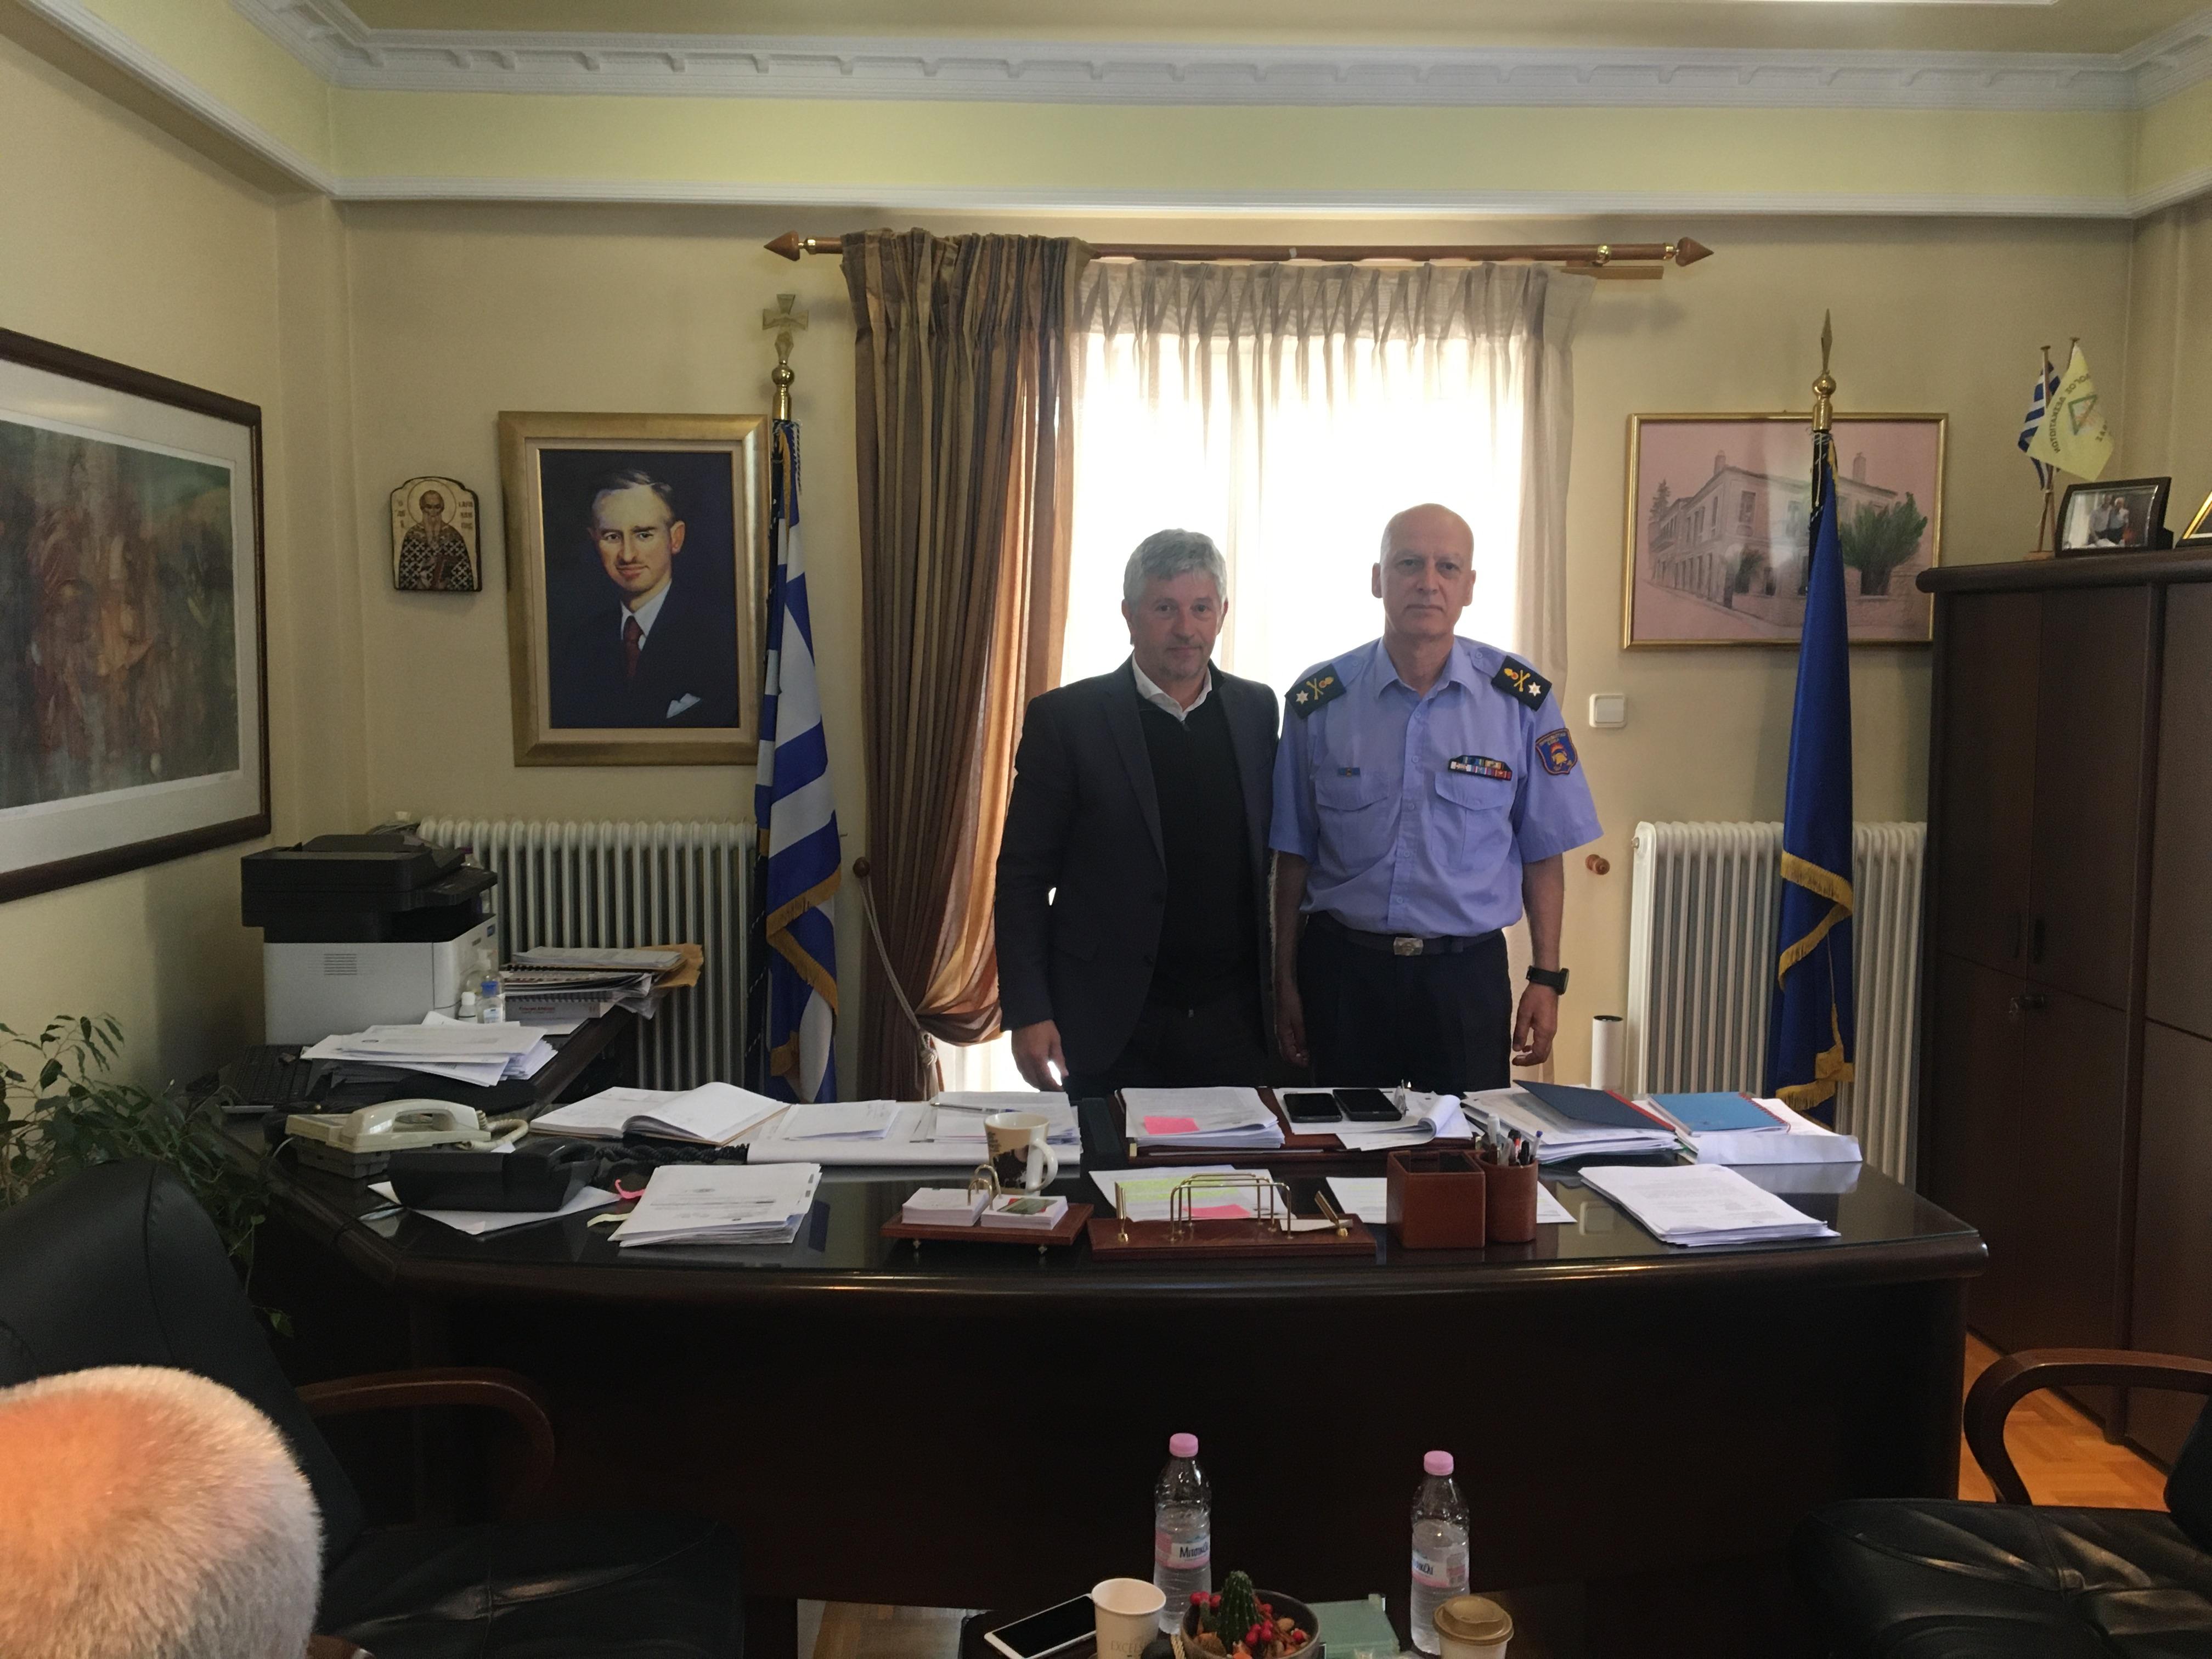 Επίσκεψη Περιφερειακού Διοικητή Πυροσβεστικής Υπηρεσίας